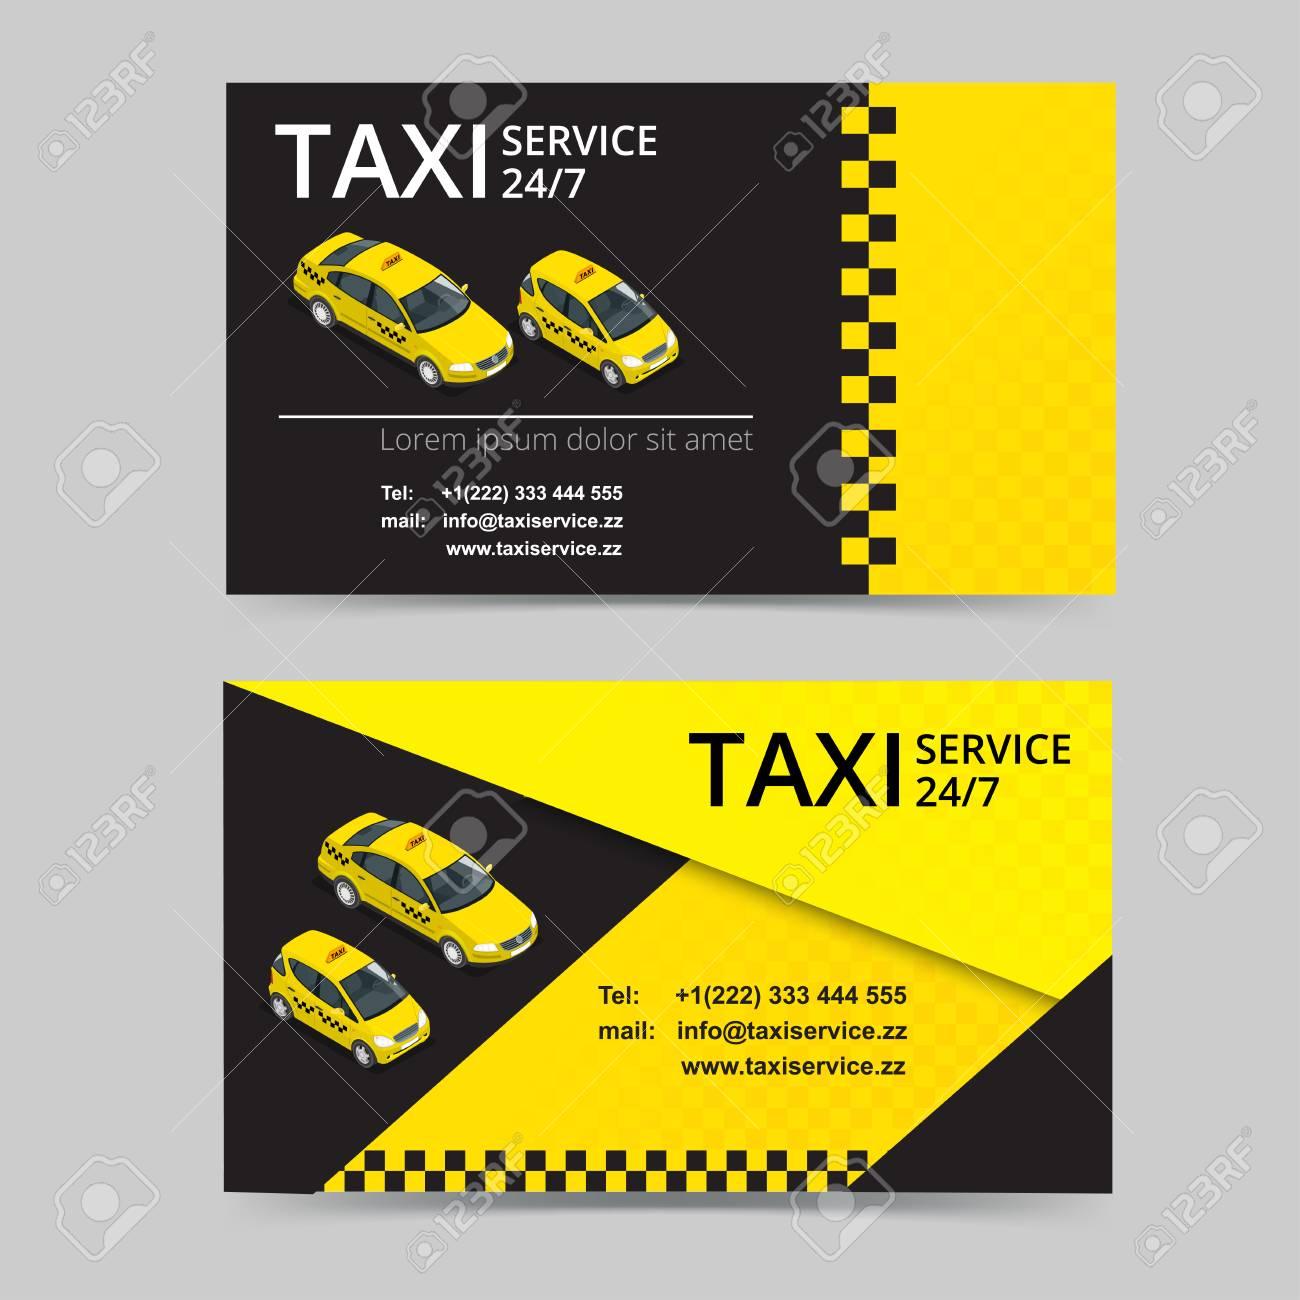 Carte De Taxi Pour Les Chauffeurs Service Modele Visite Vecteur Societe Marque Image Identite Logo